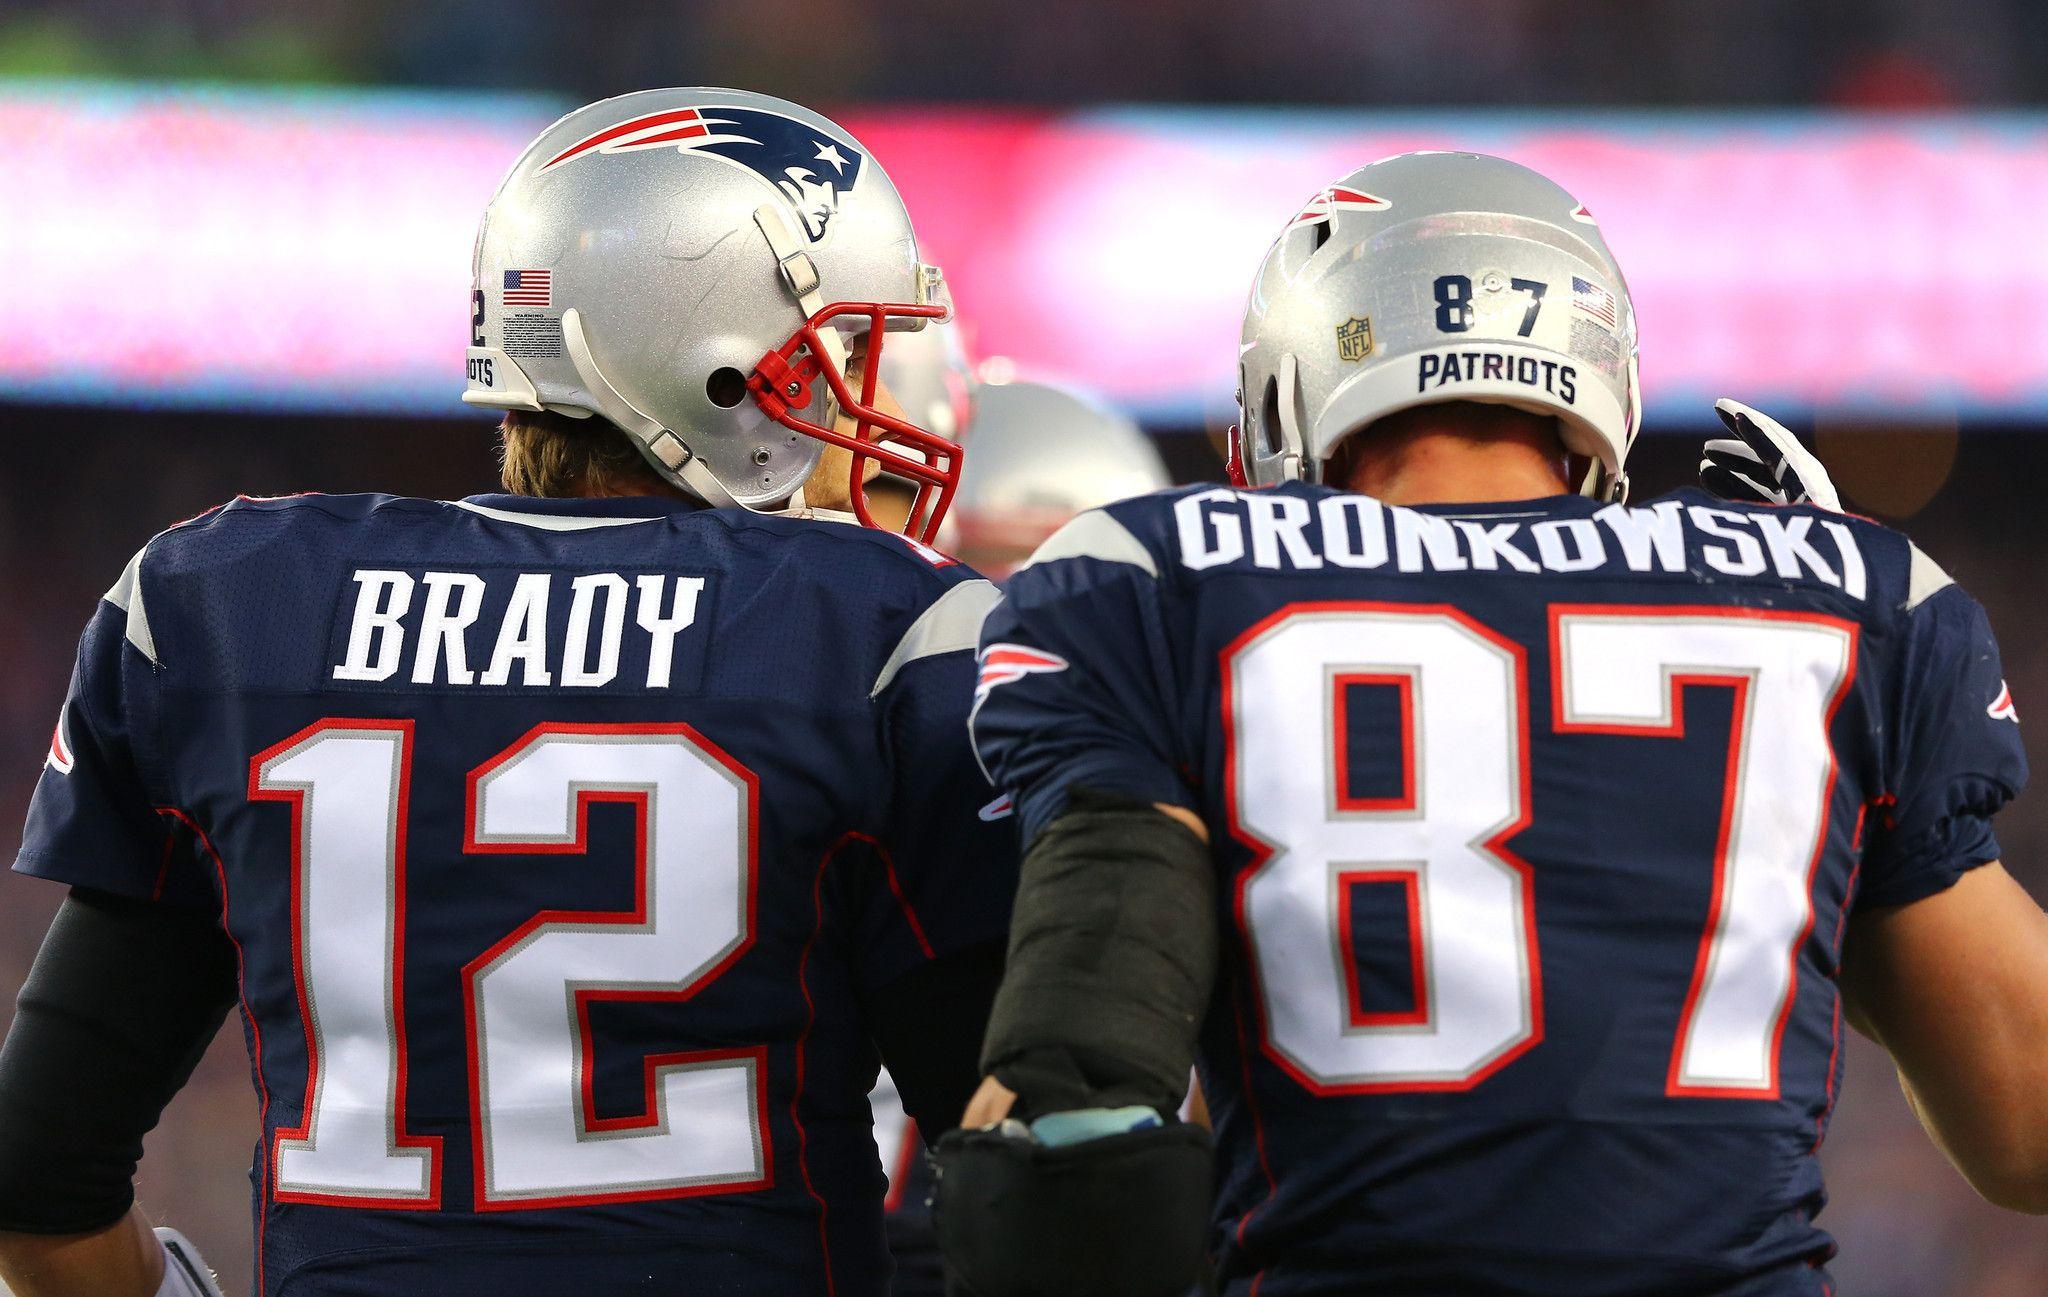 La Sp Sn Broncos Patriots Crybaby Tom Brady 20160119 2 048 1 297 Pixels Gronkowski Tom Brady Wallpaper Tom Brady